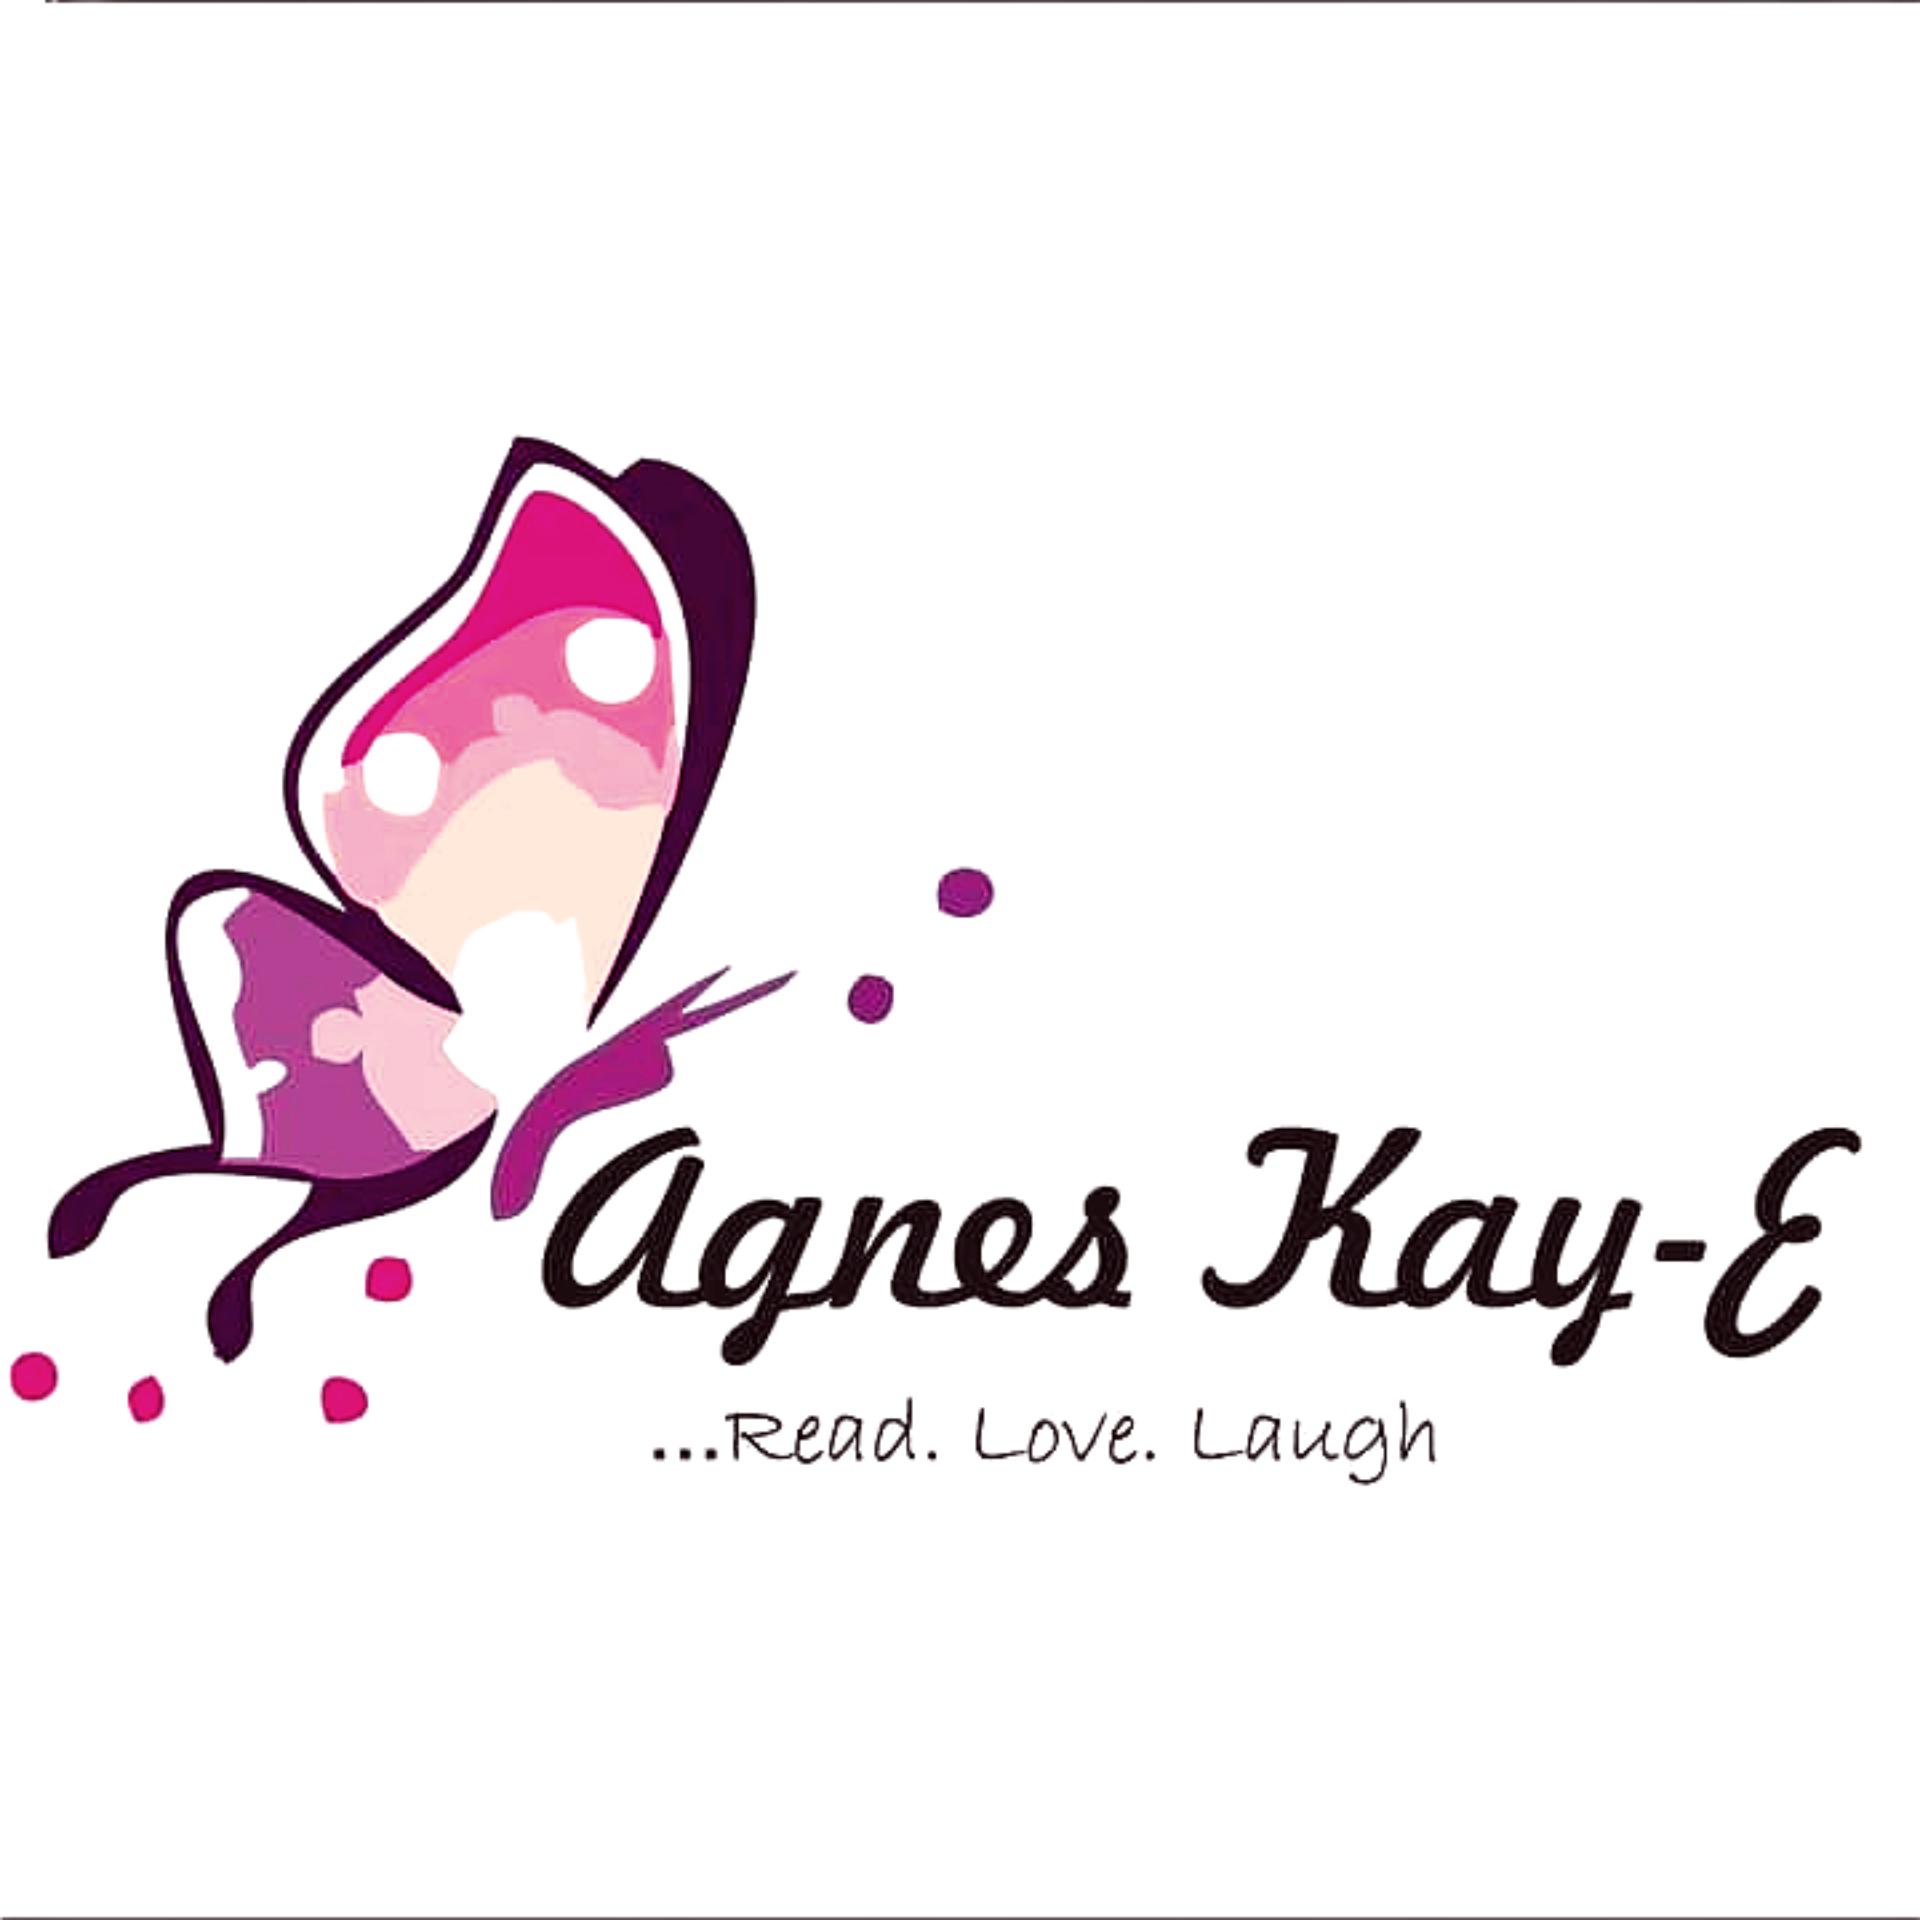 Agnes Kay-E